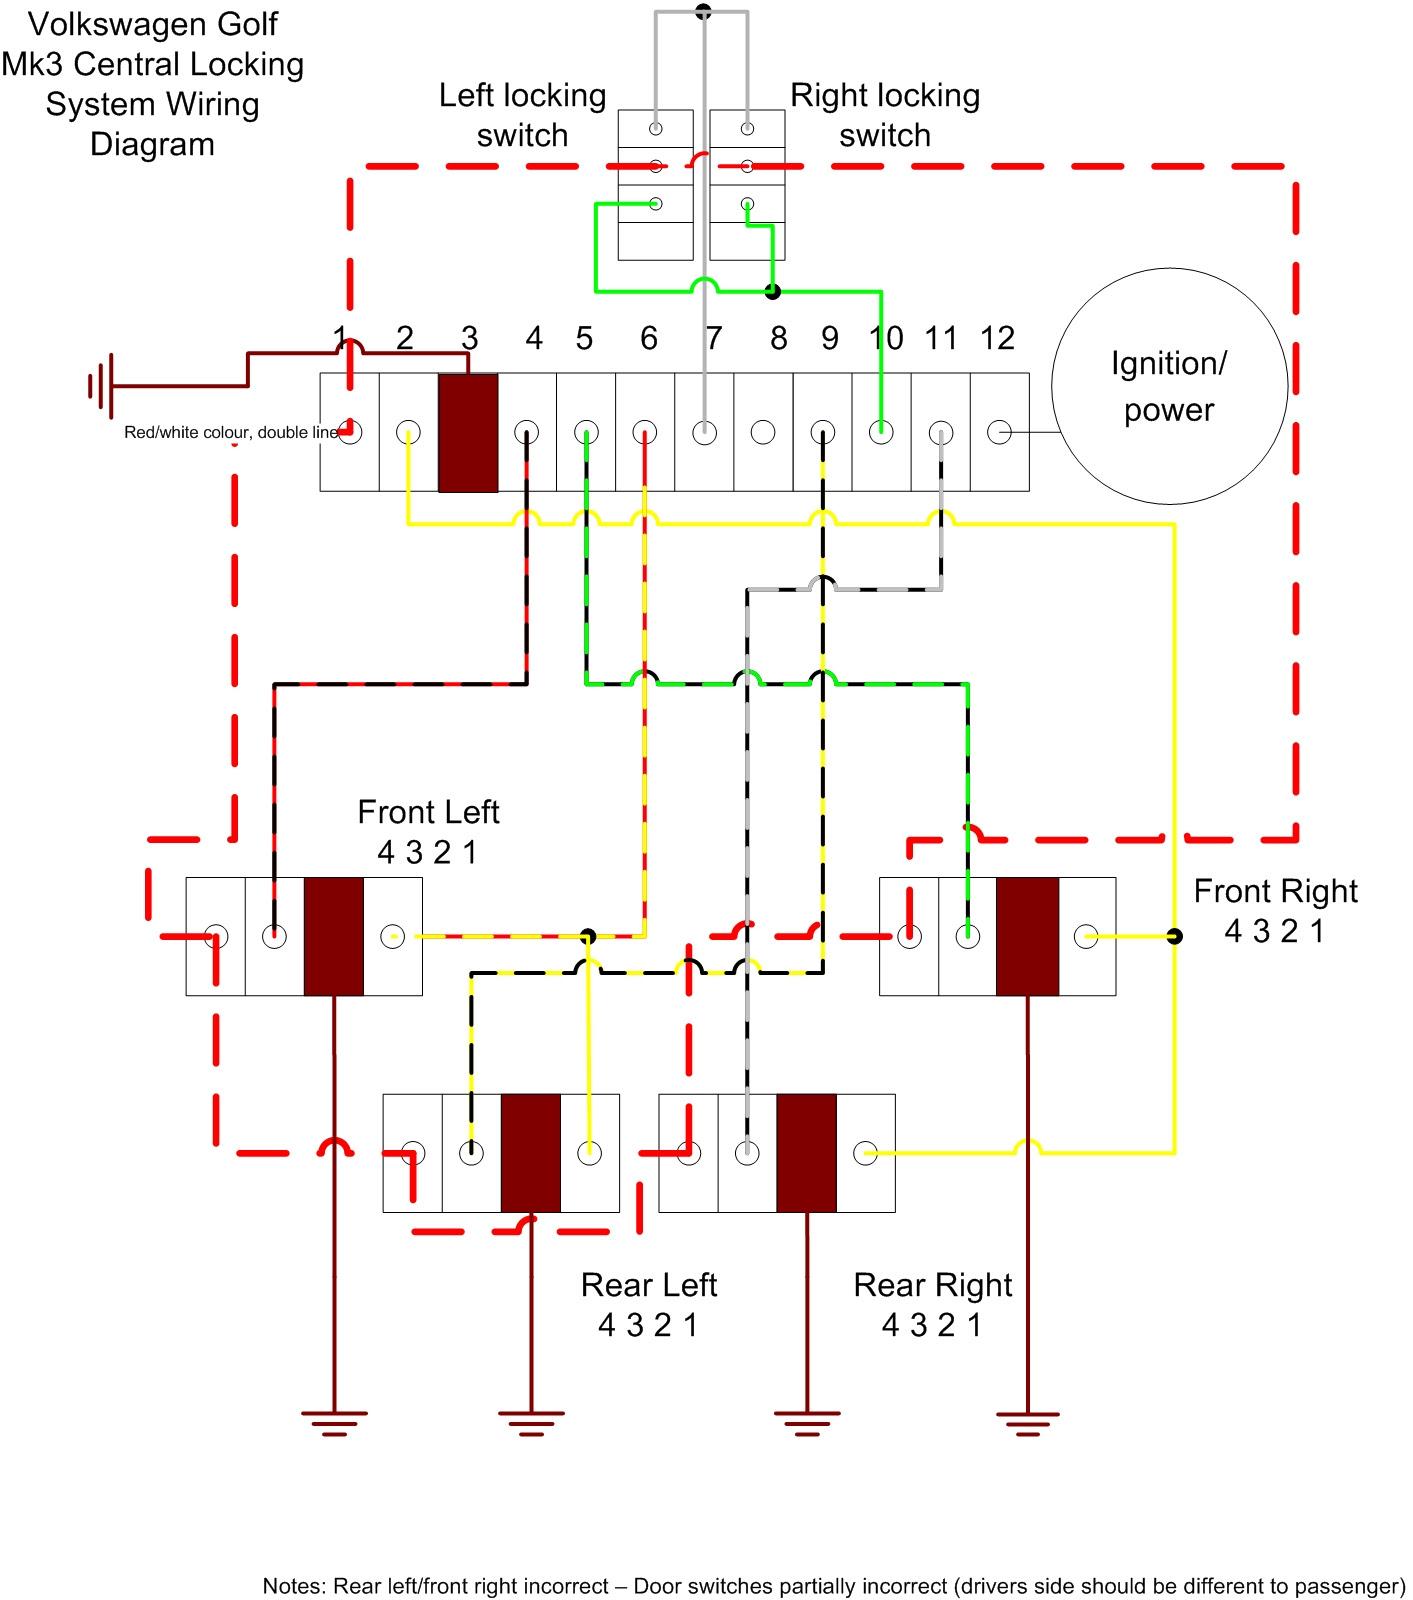 Diagram Bmw Central Locking Wiring Diagram Full Version Hd Quality Wiring Diagram Roguediagram Gevim Fr